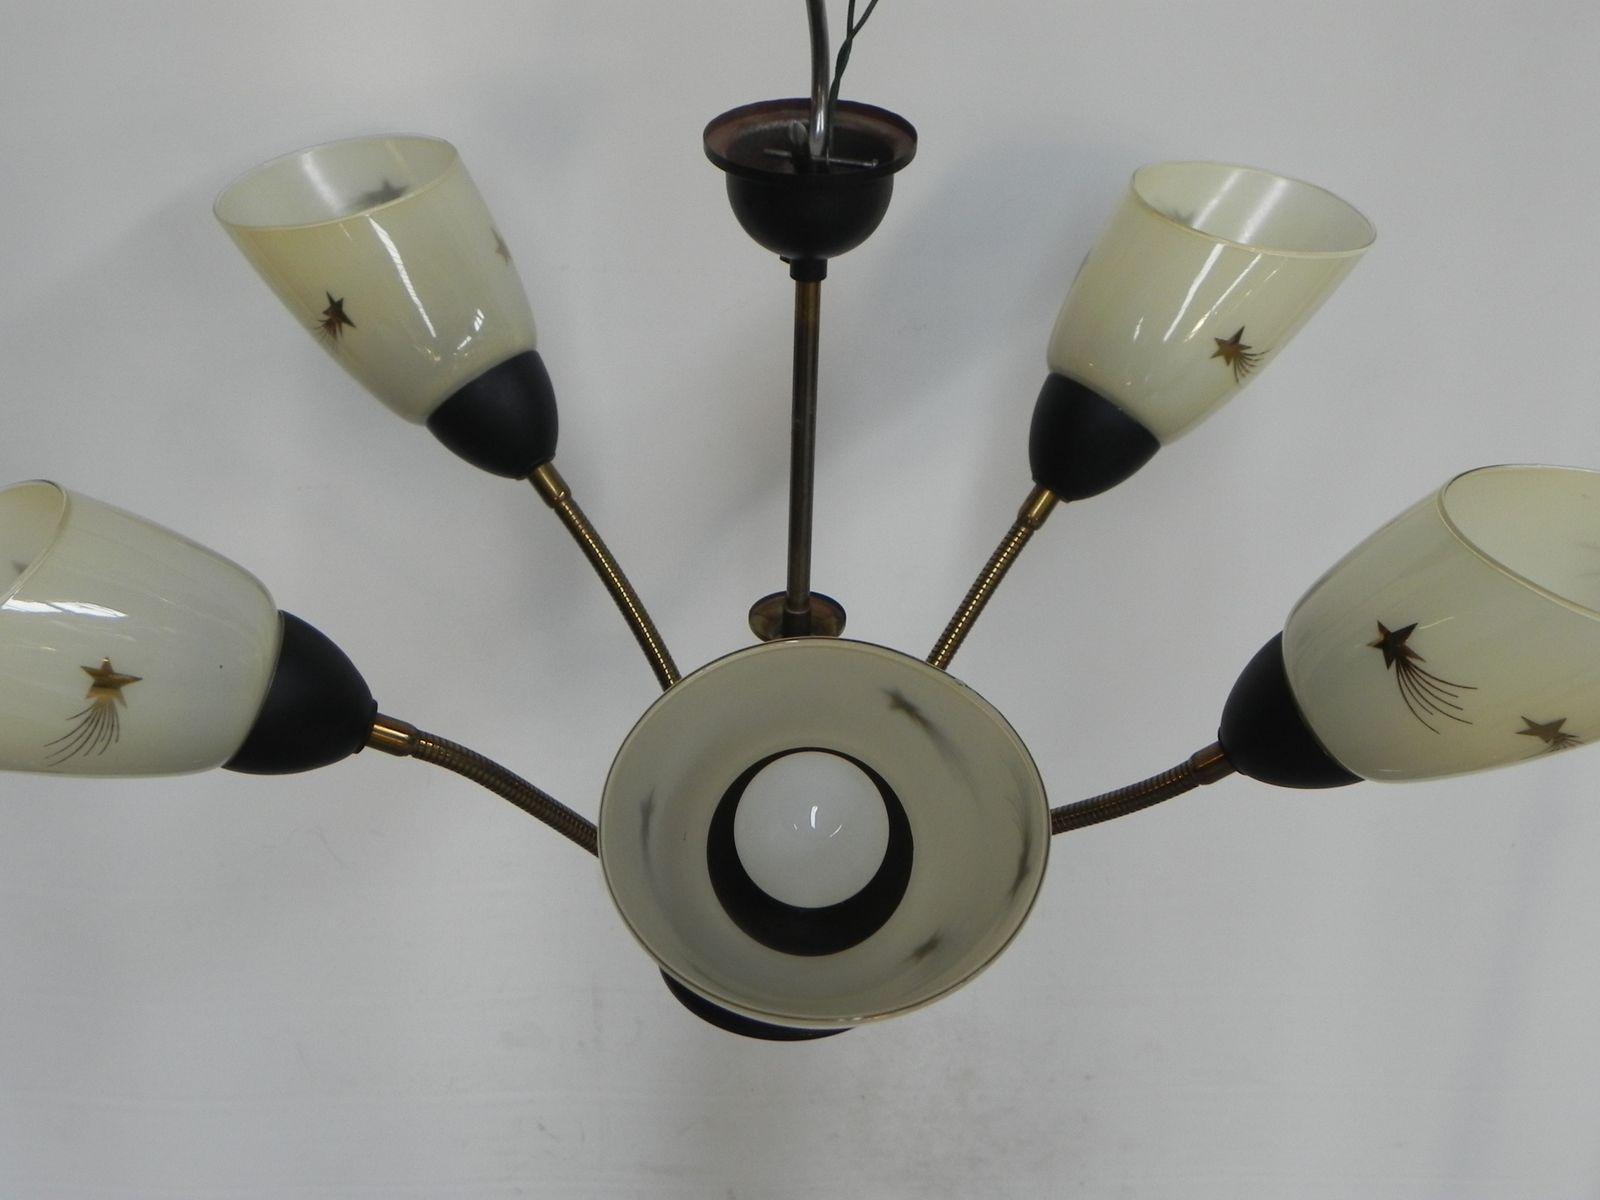 Vintage Hangelampe Mit 5 Glas Leuchten An Beweglichen Armen Bei